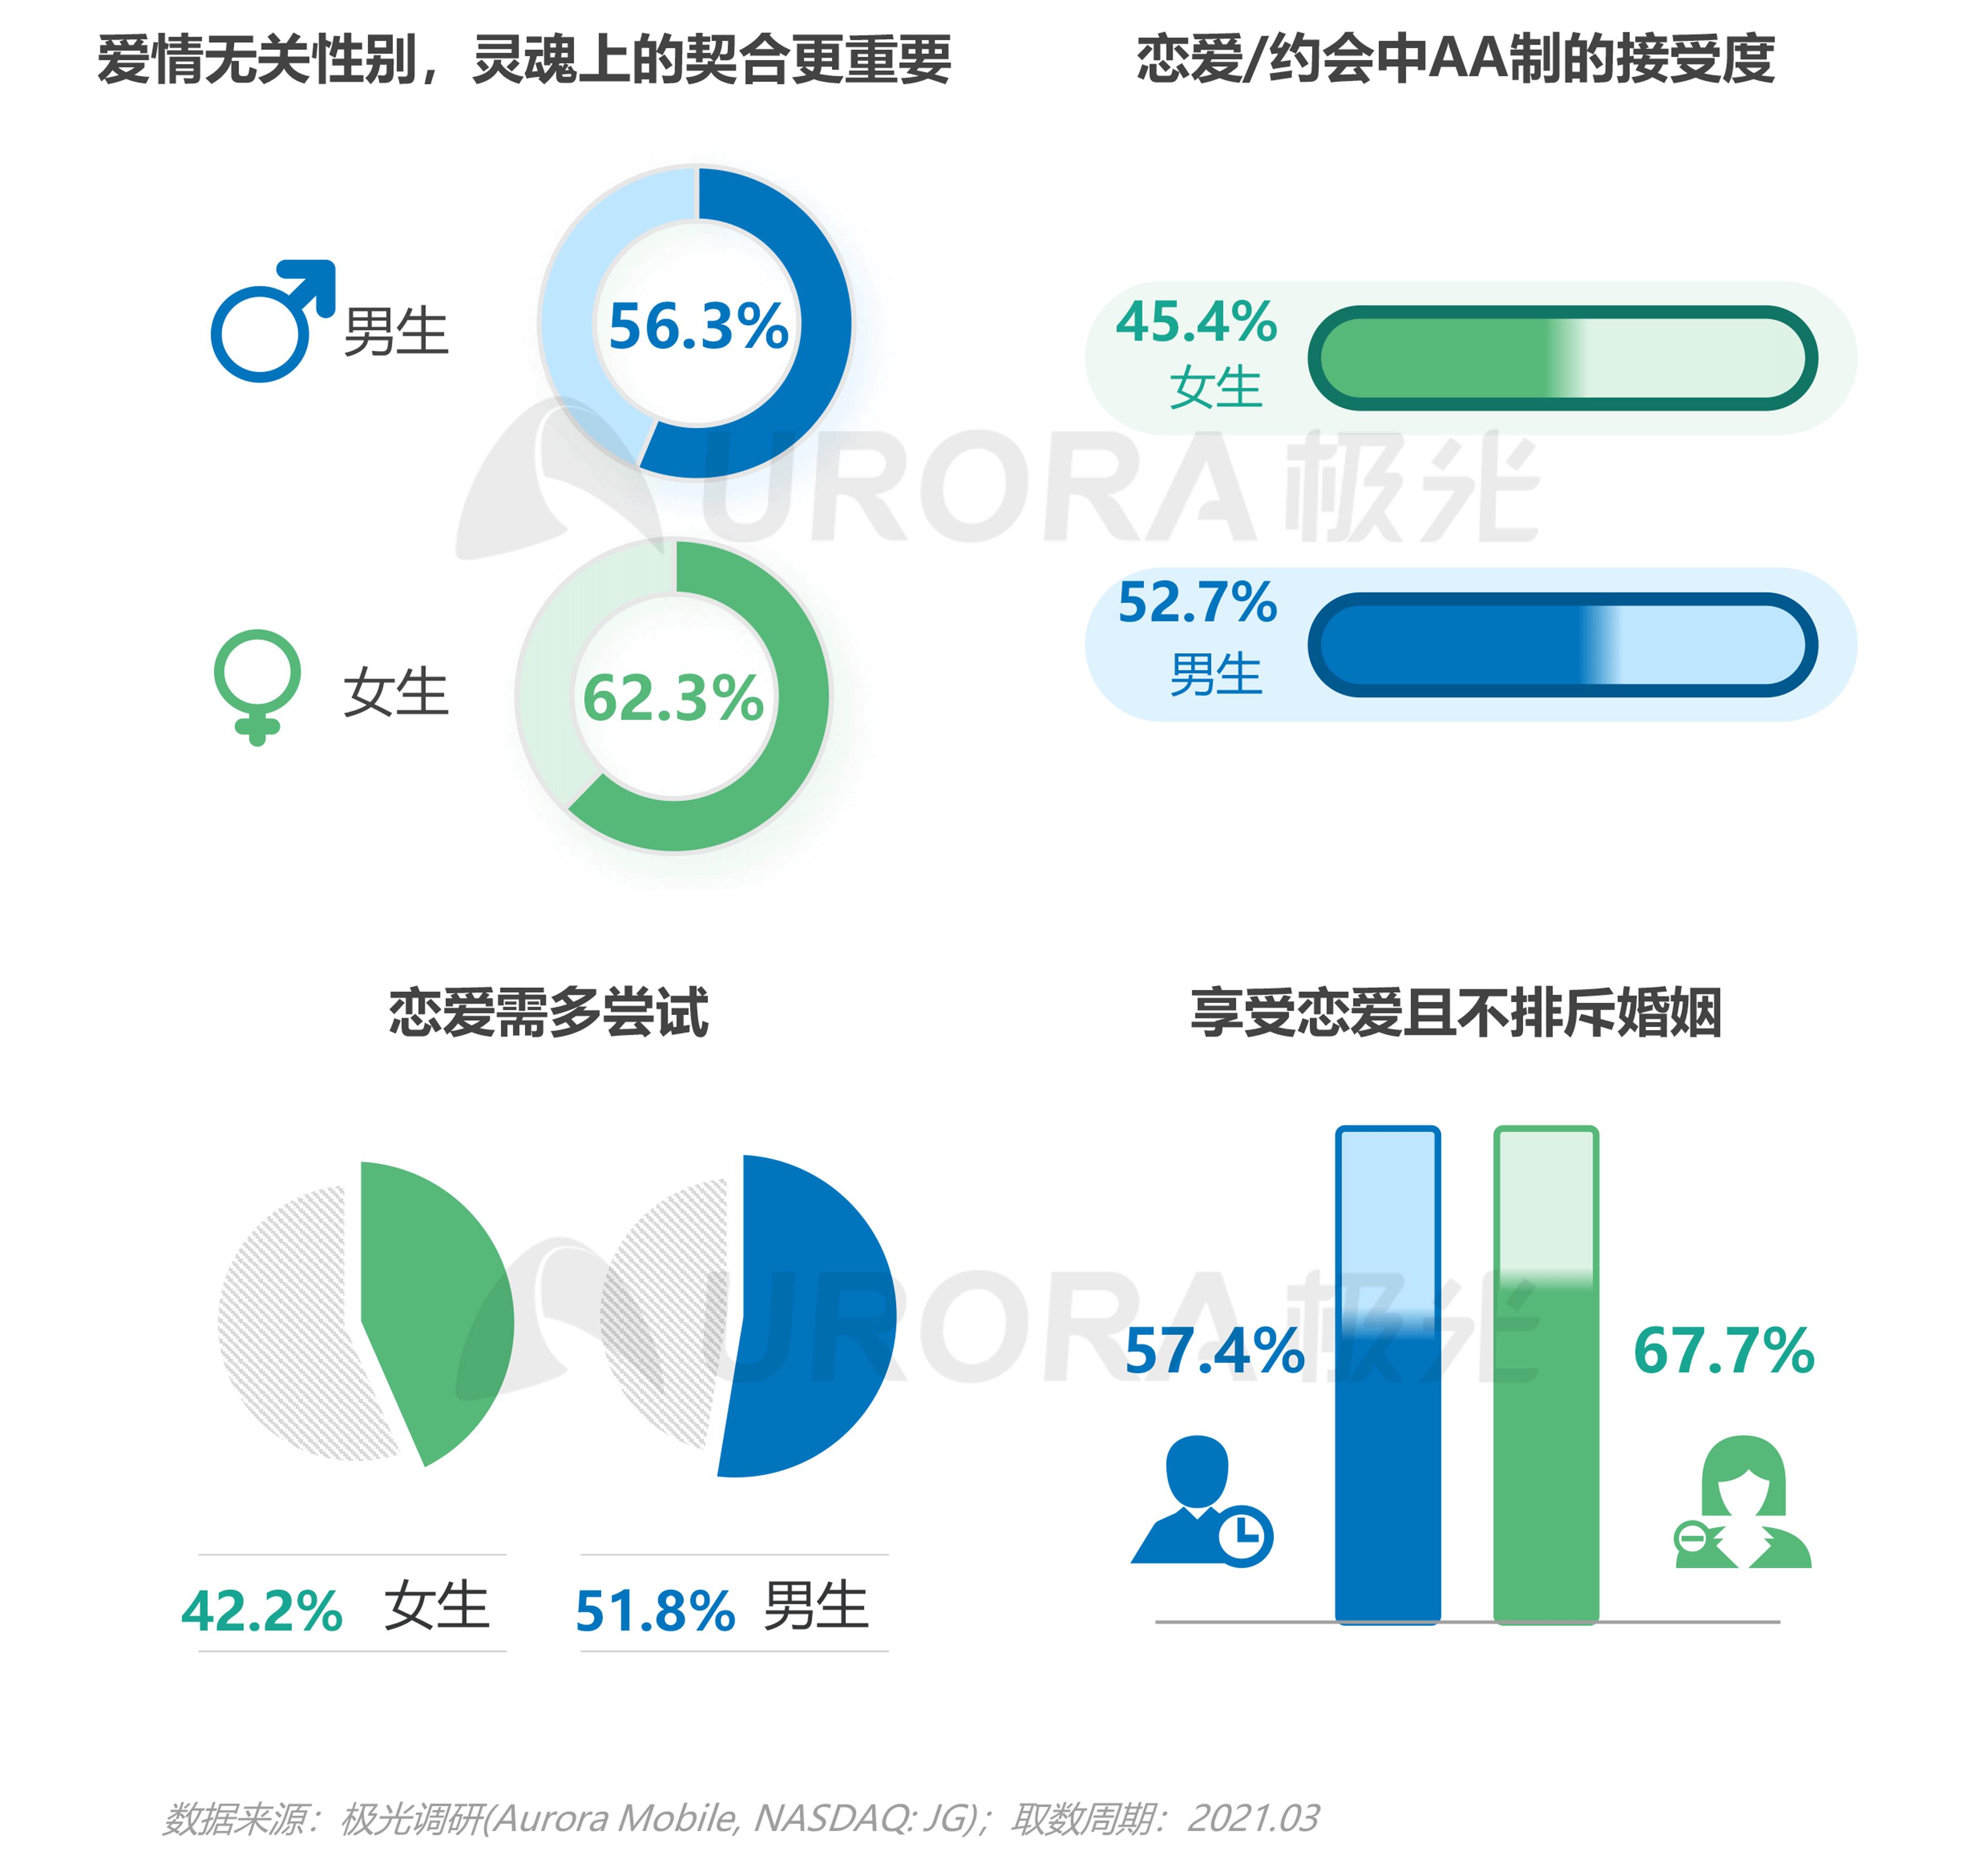 2021年轻人营销趋势研究报告【定稿】-47.png